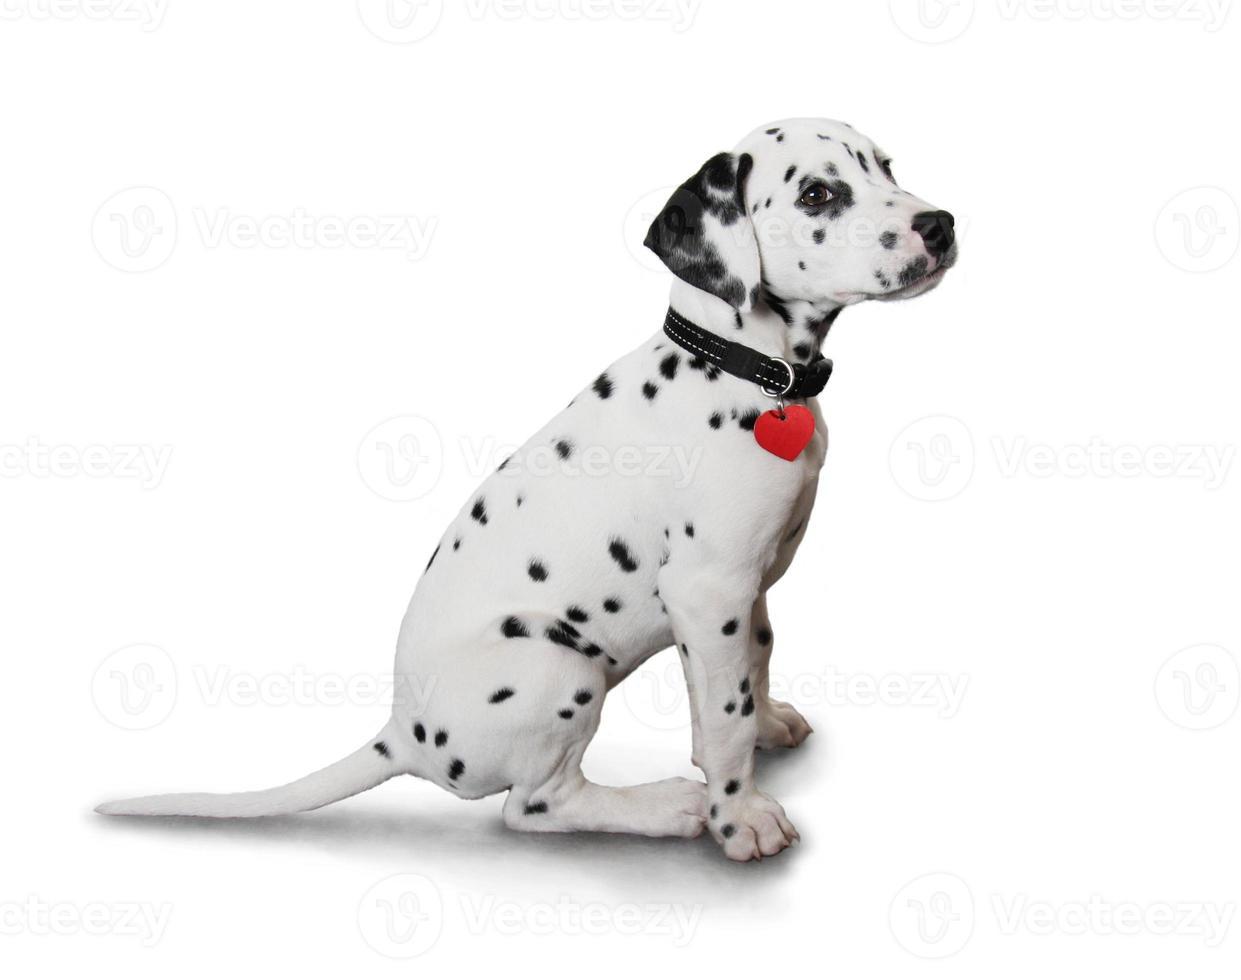 simpatico cucciolo dalmata foto